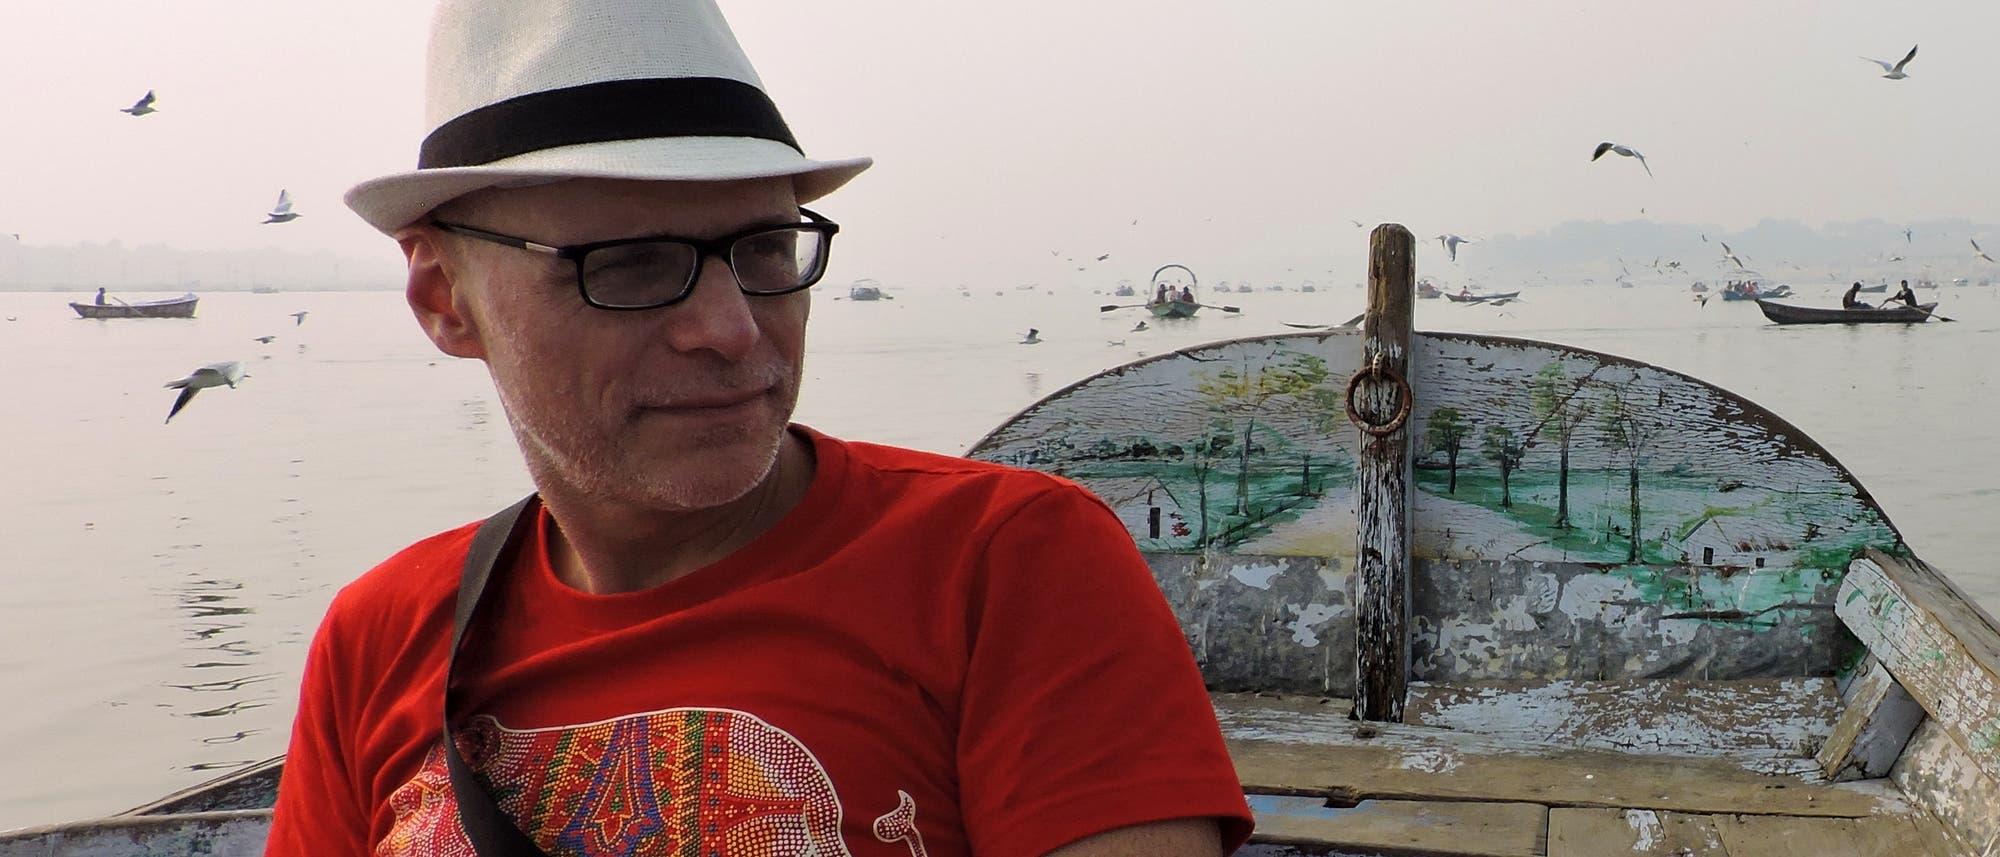 Der Psychologe Arne Dietrich sitzt auf einem Boot. Im Hintergrund sind weitere Boote und Vögel zu sehen.